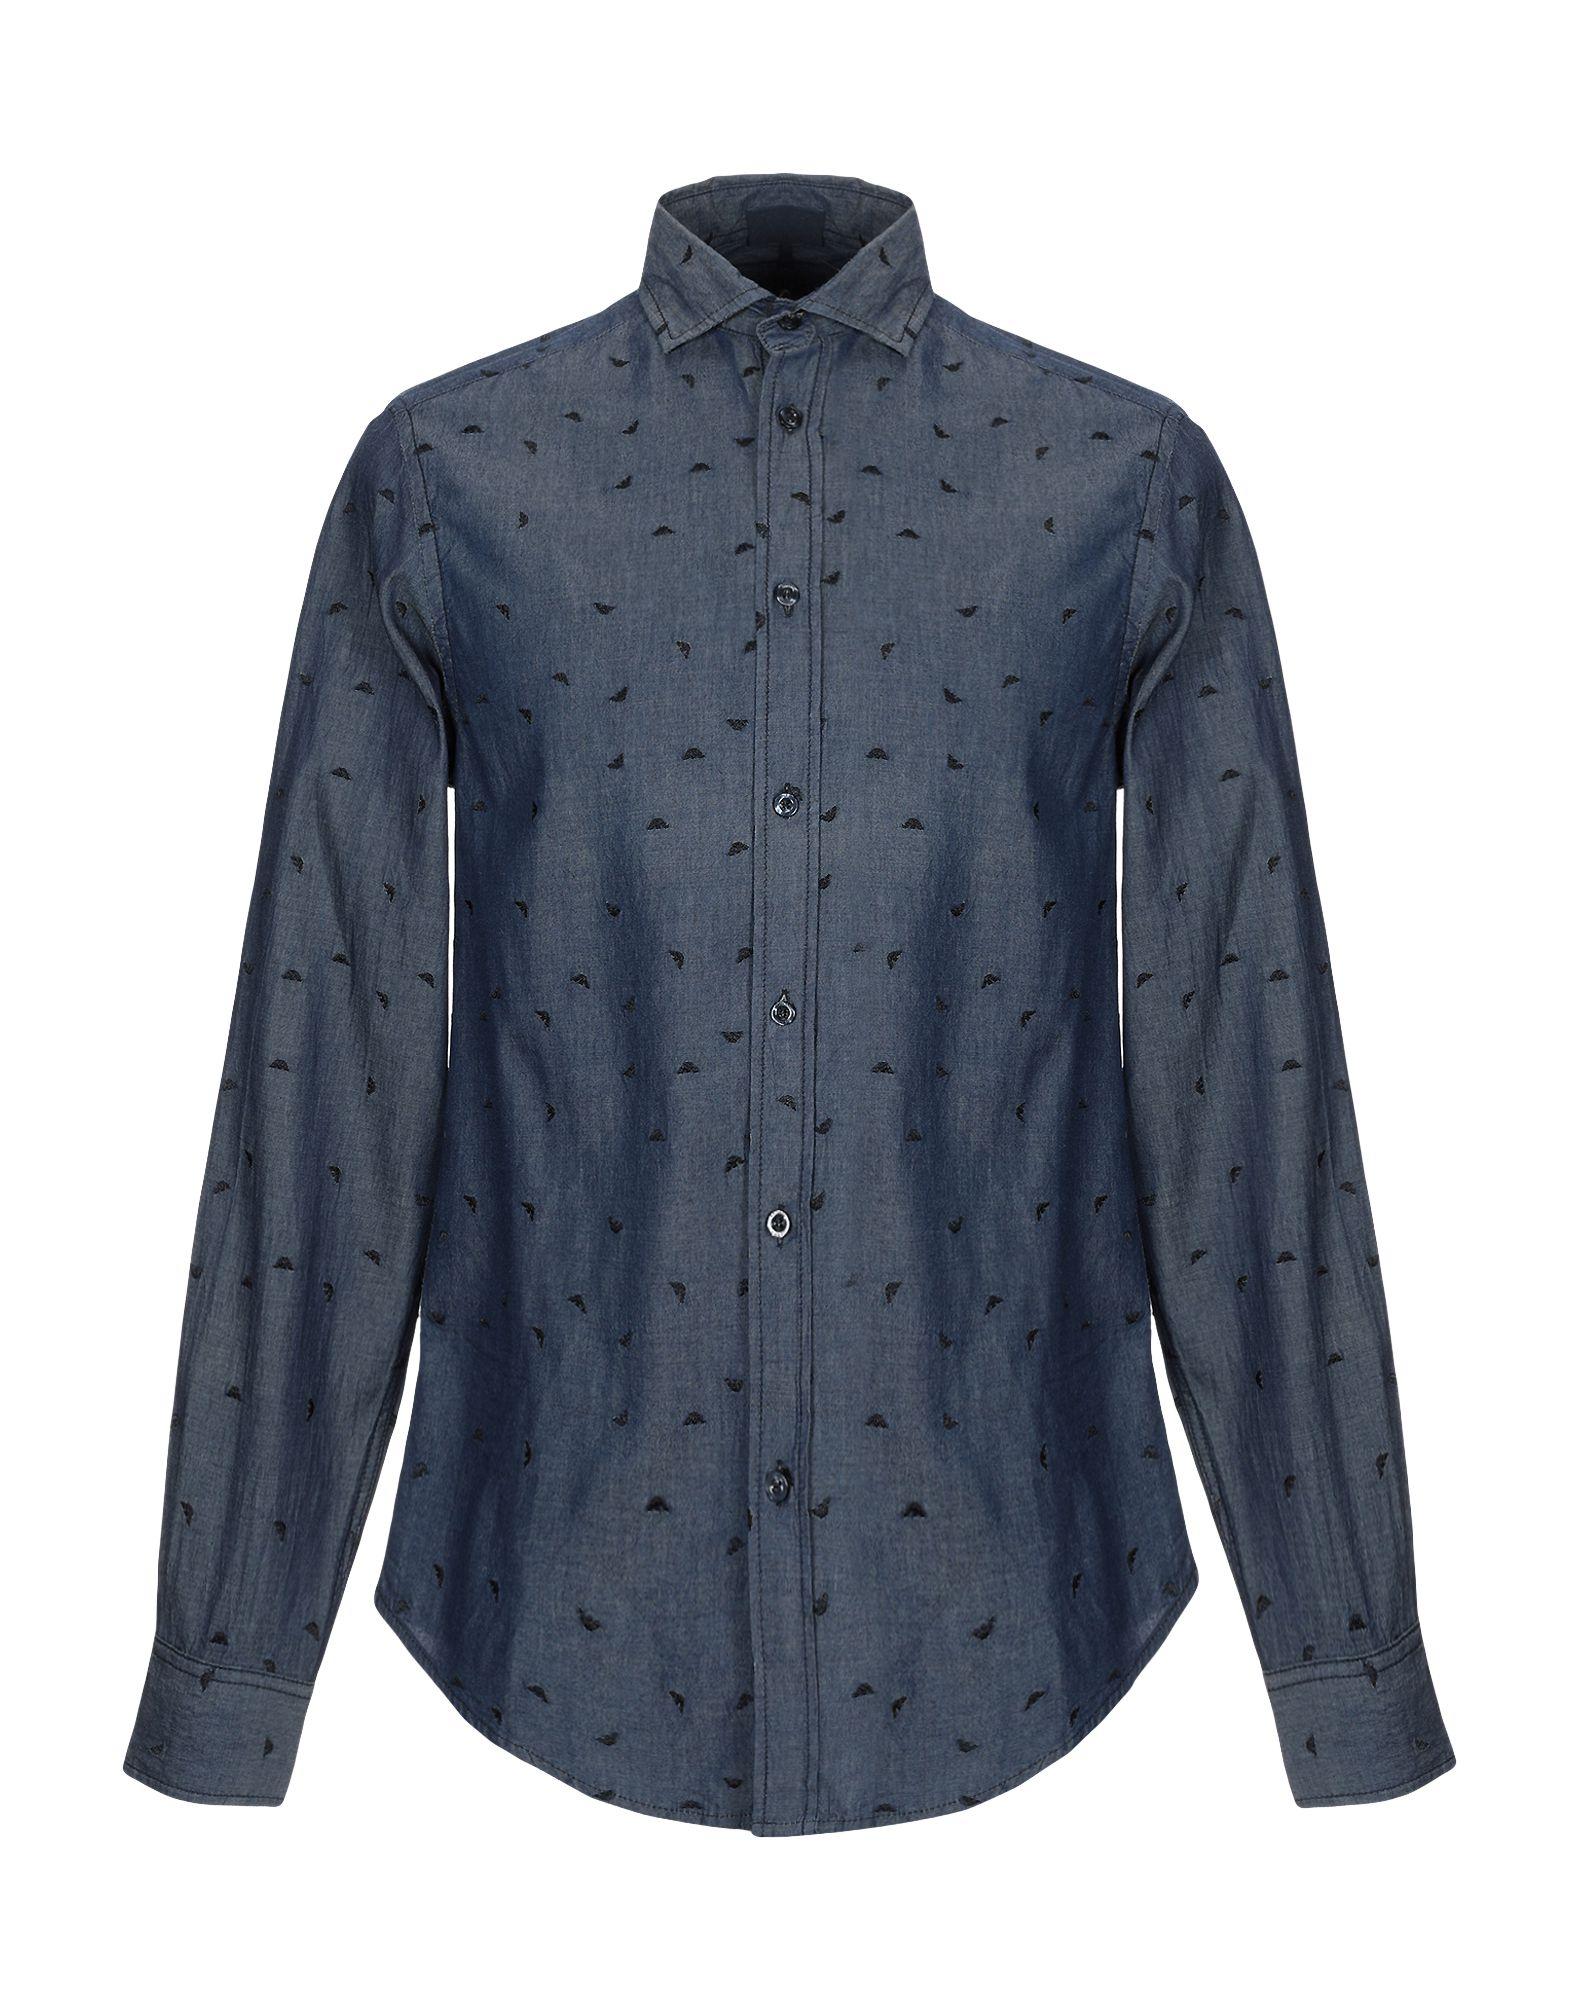 ARMANI JEANS Джинсовая рубашка garcia jeans джинсовая рубашка